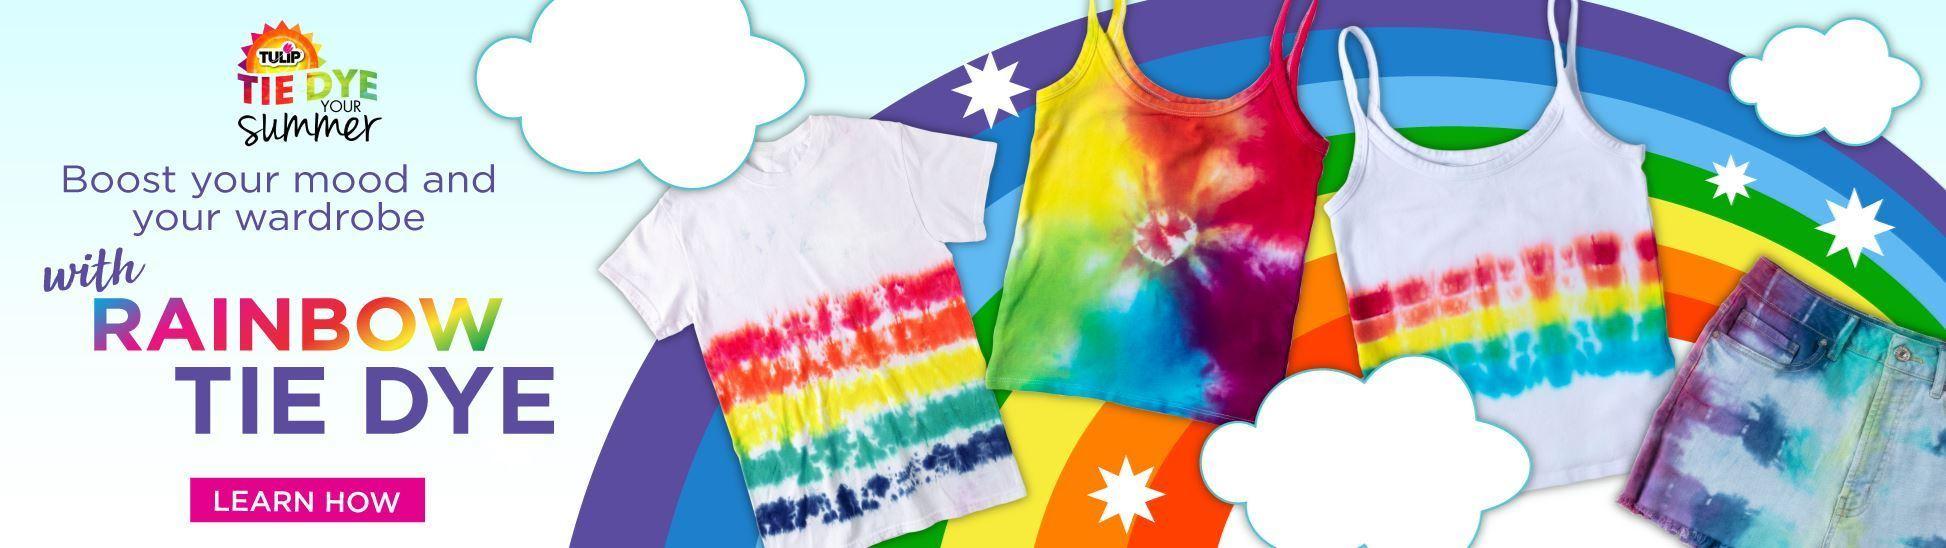 Image Rainbow Tie Dye